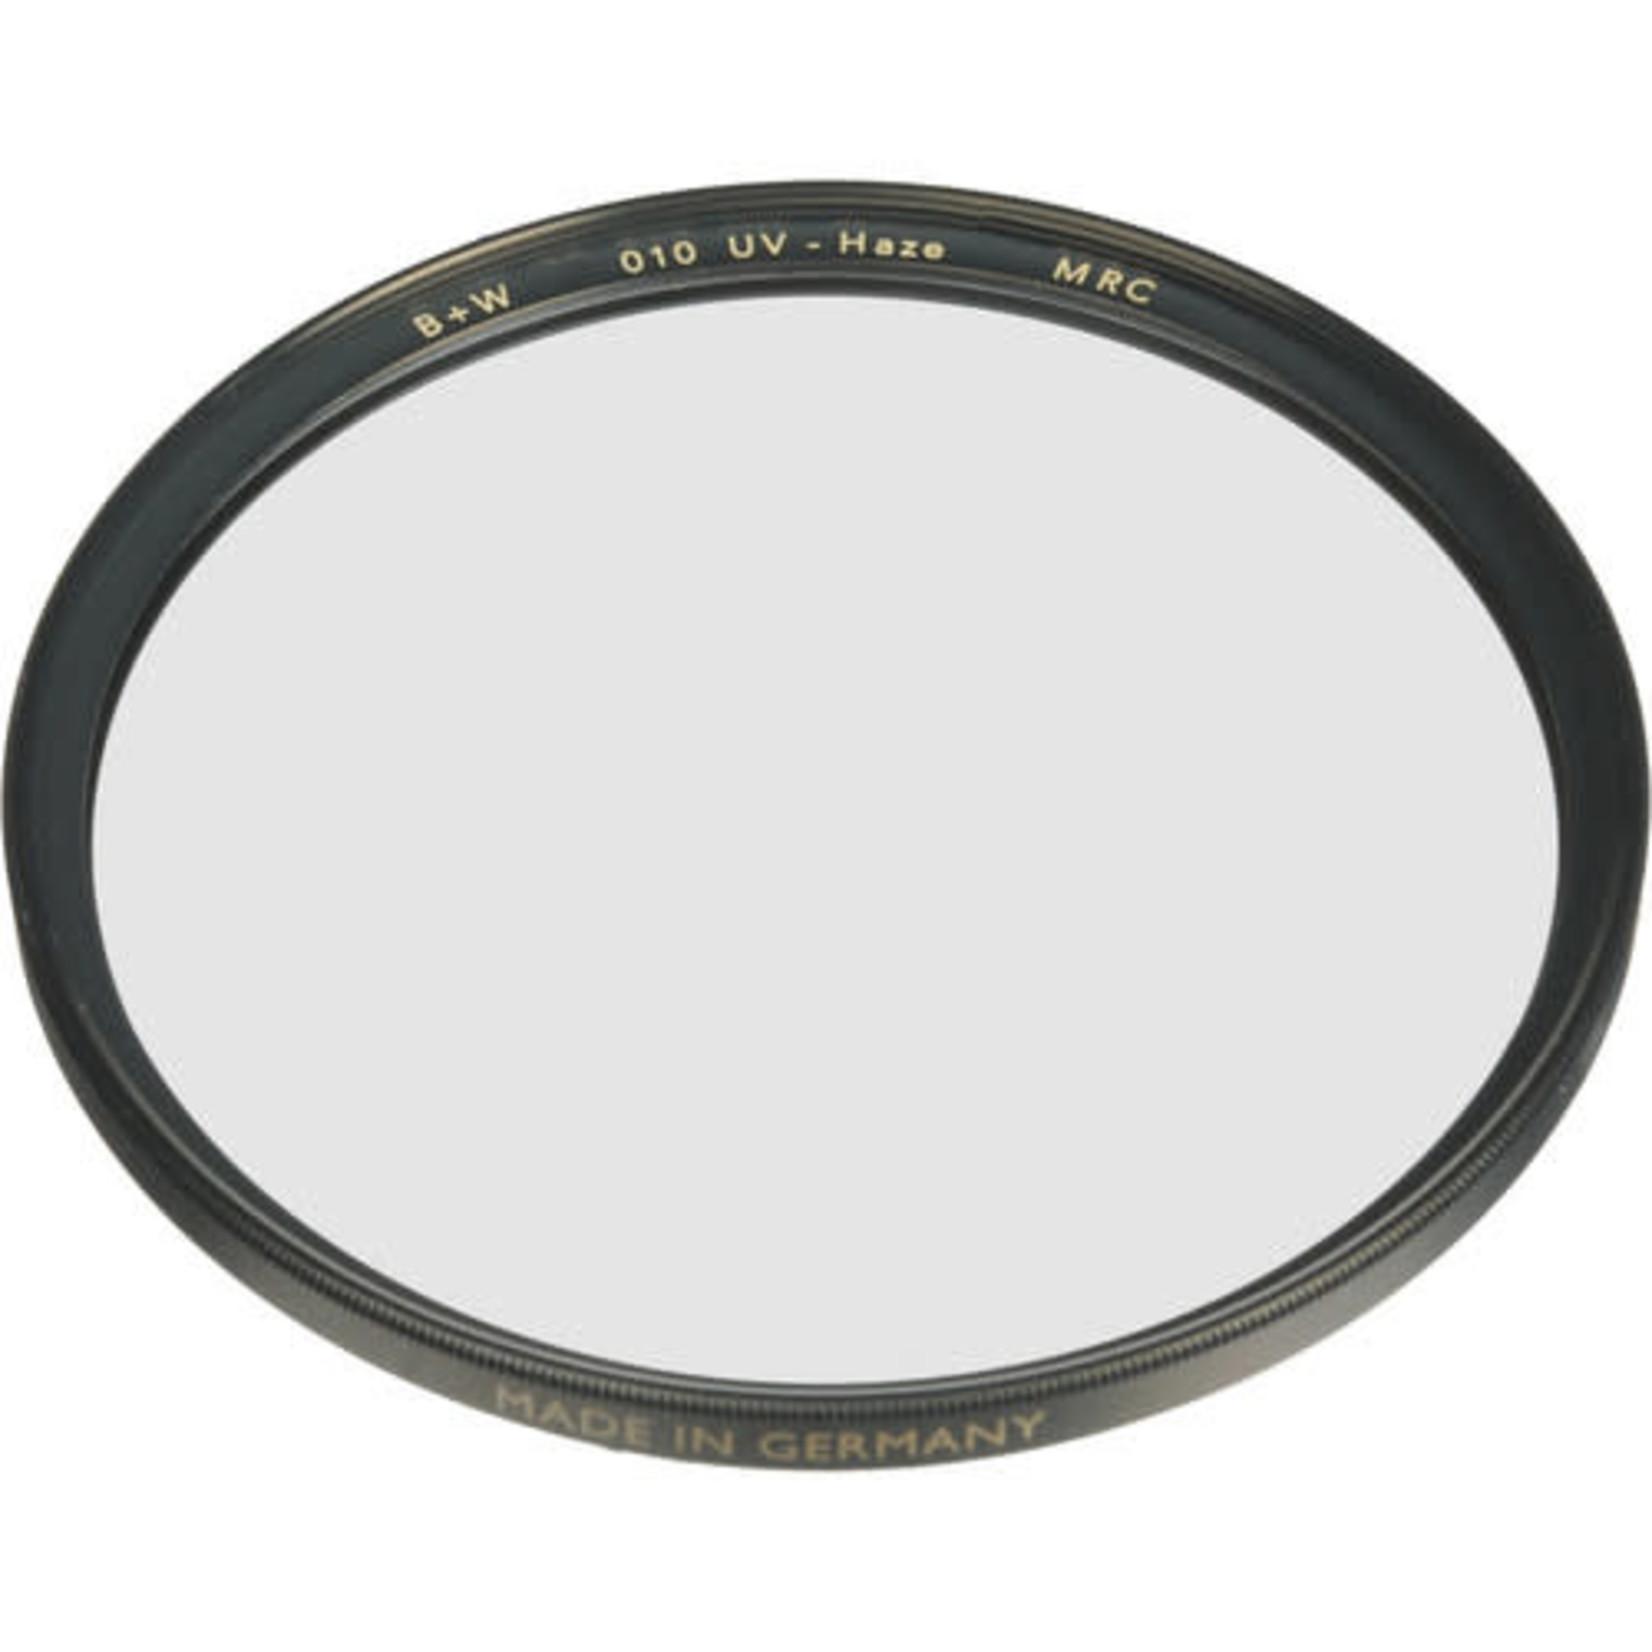 B+W B+W 112mm UV Haze MRC 010M Filter